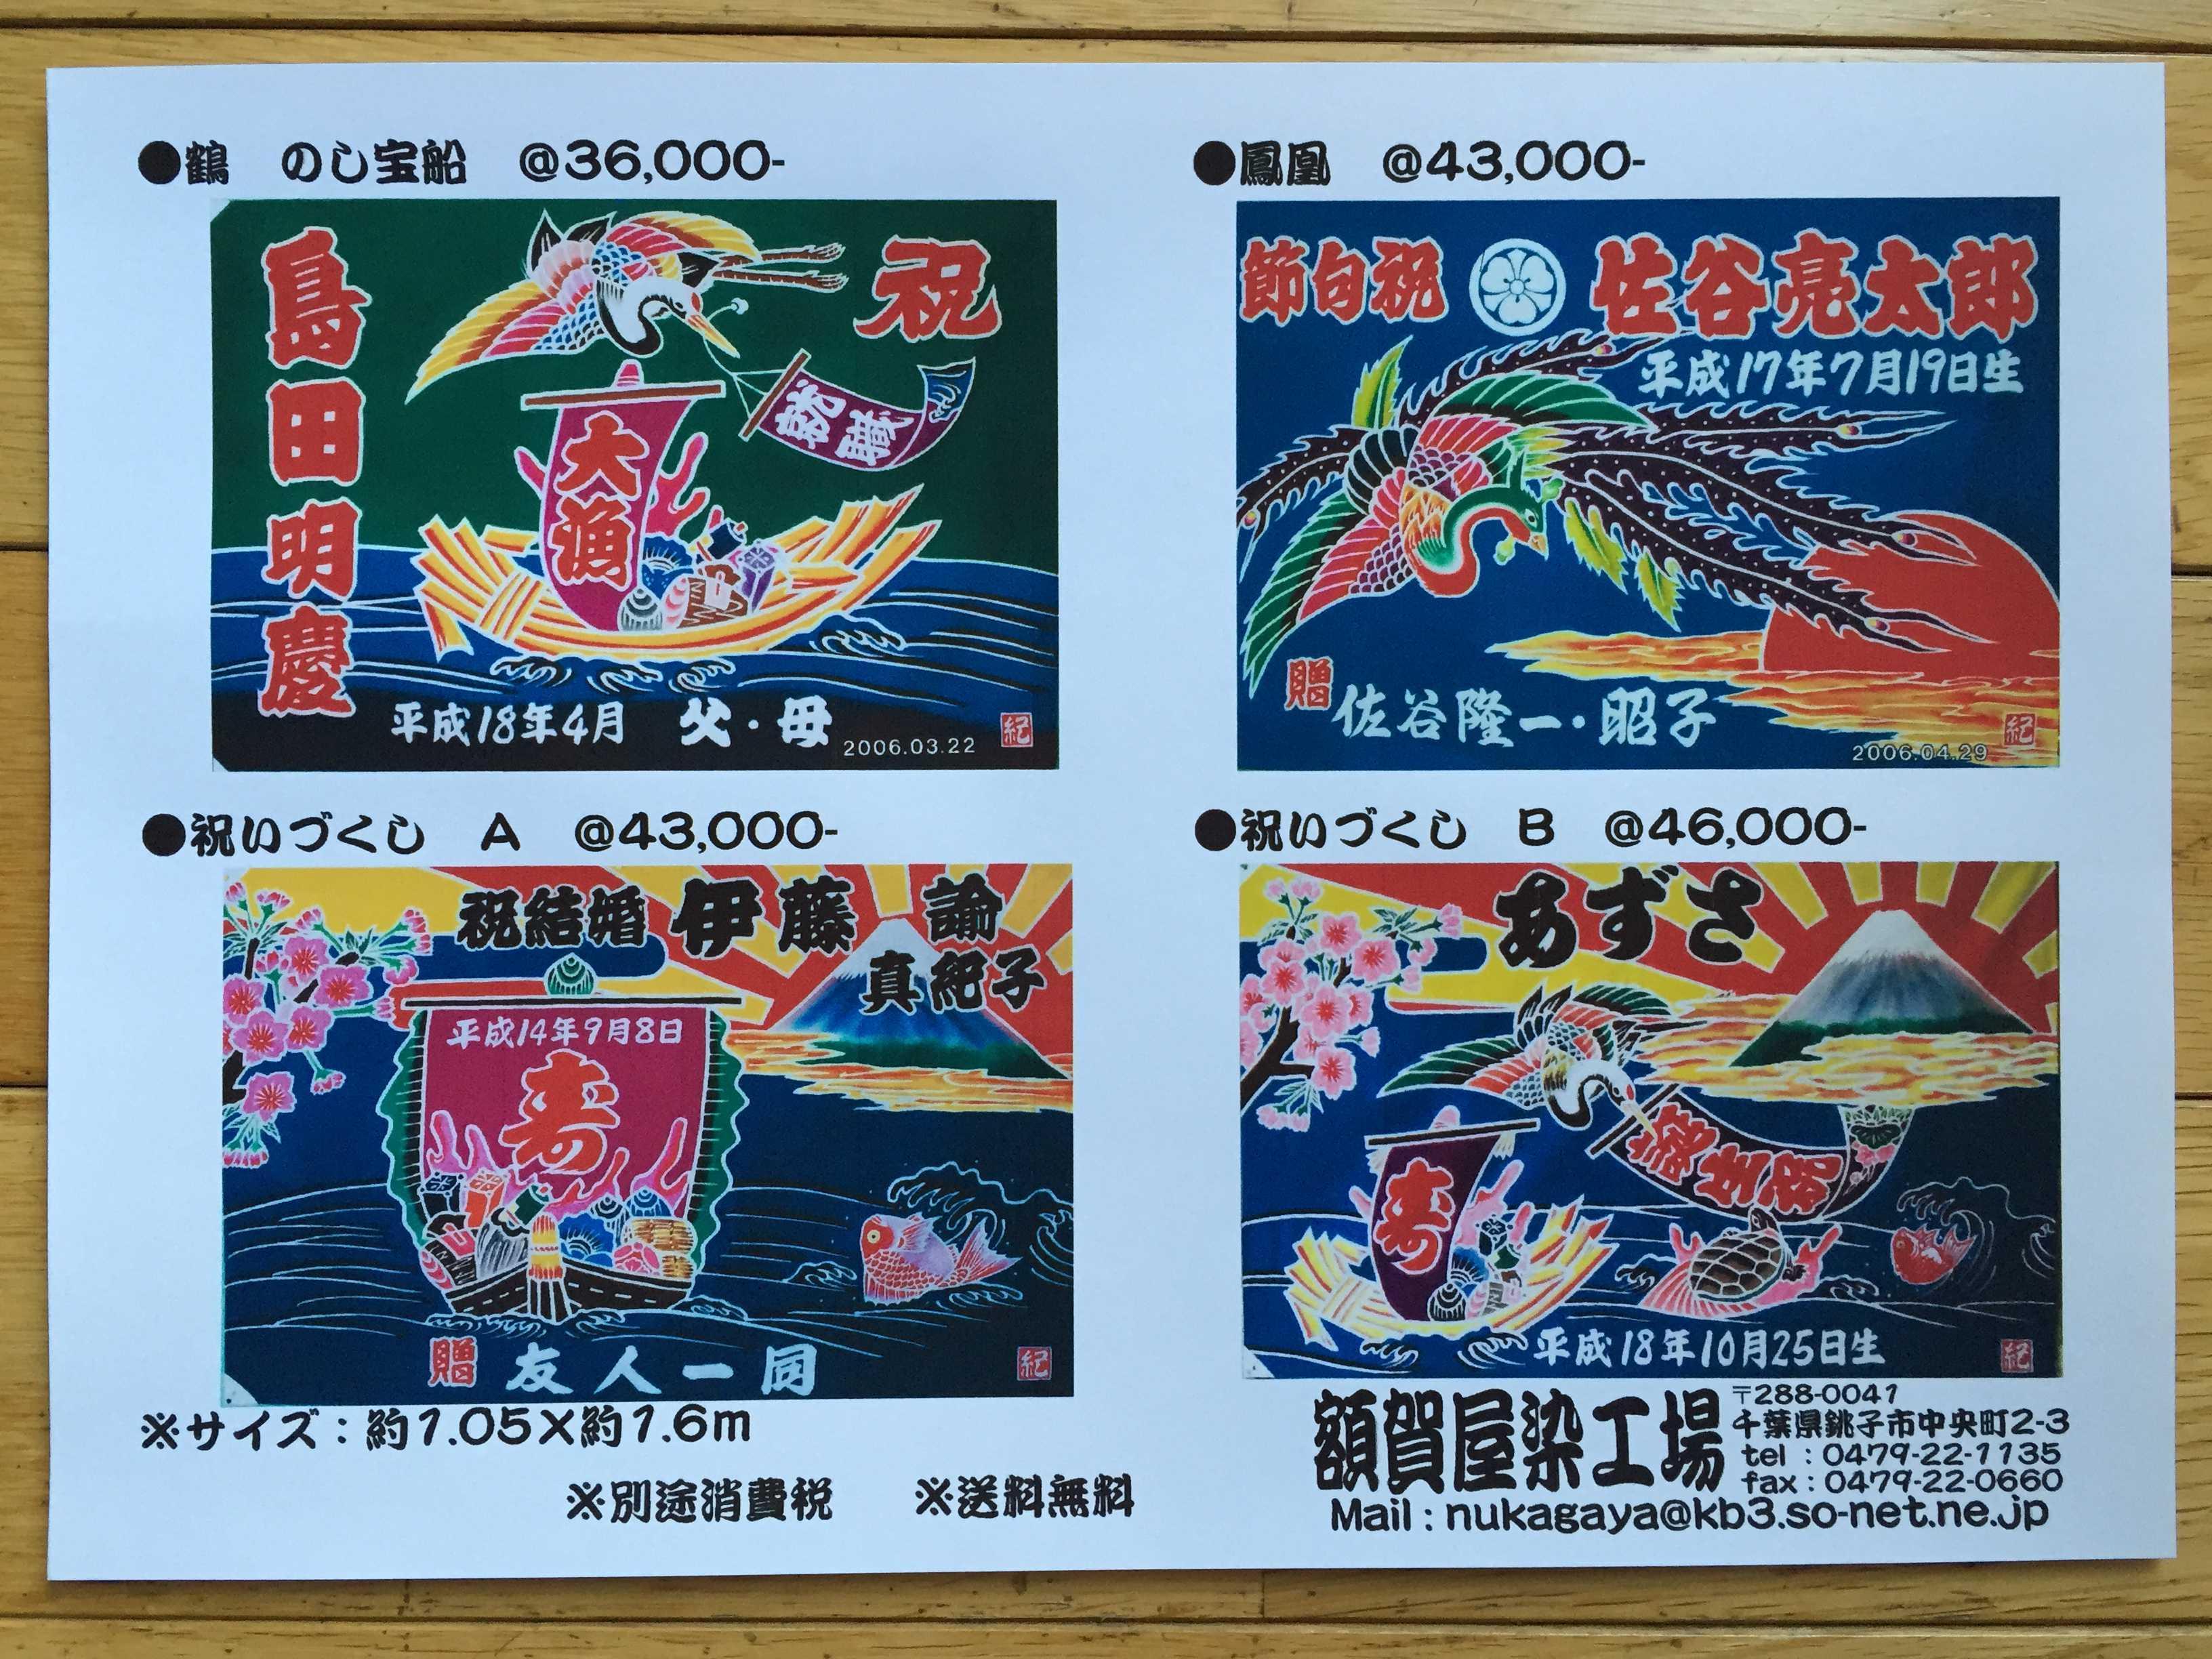 千葉県伝統工芸品の萬祝式大漁旗